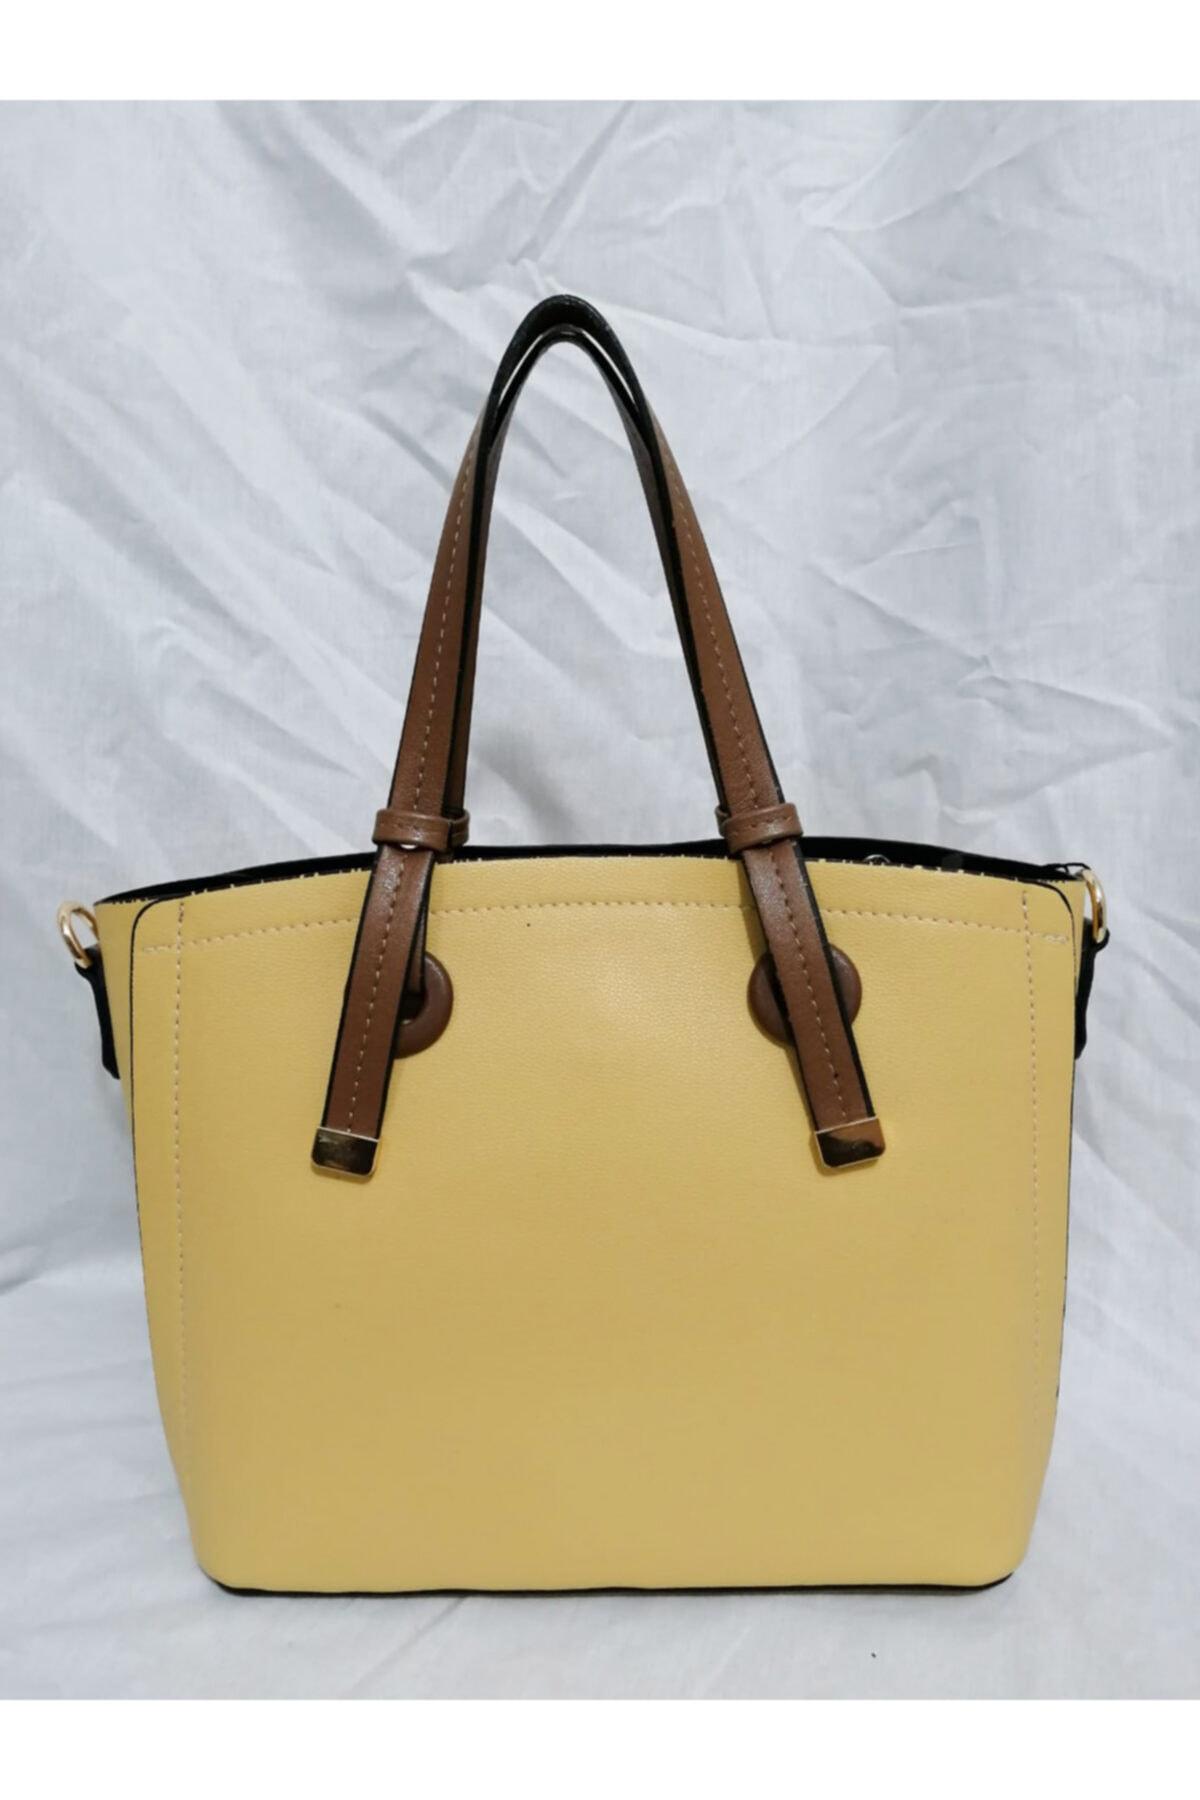 KRISTE BELL Kadın Sarı Klasik Model Kalıplı Orta Boy Kol El Çantası 2